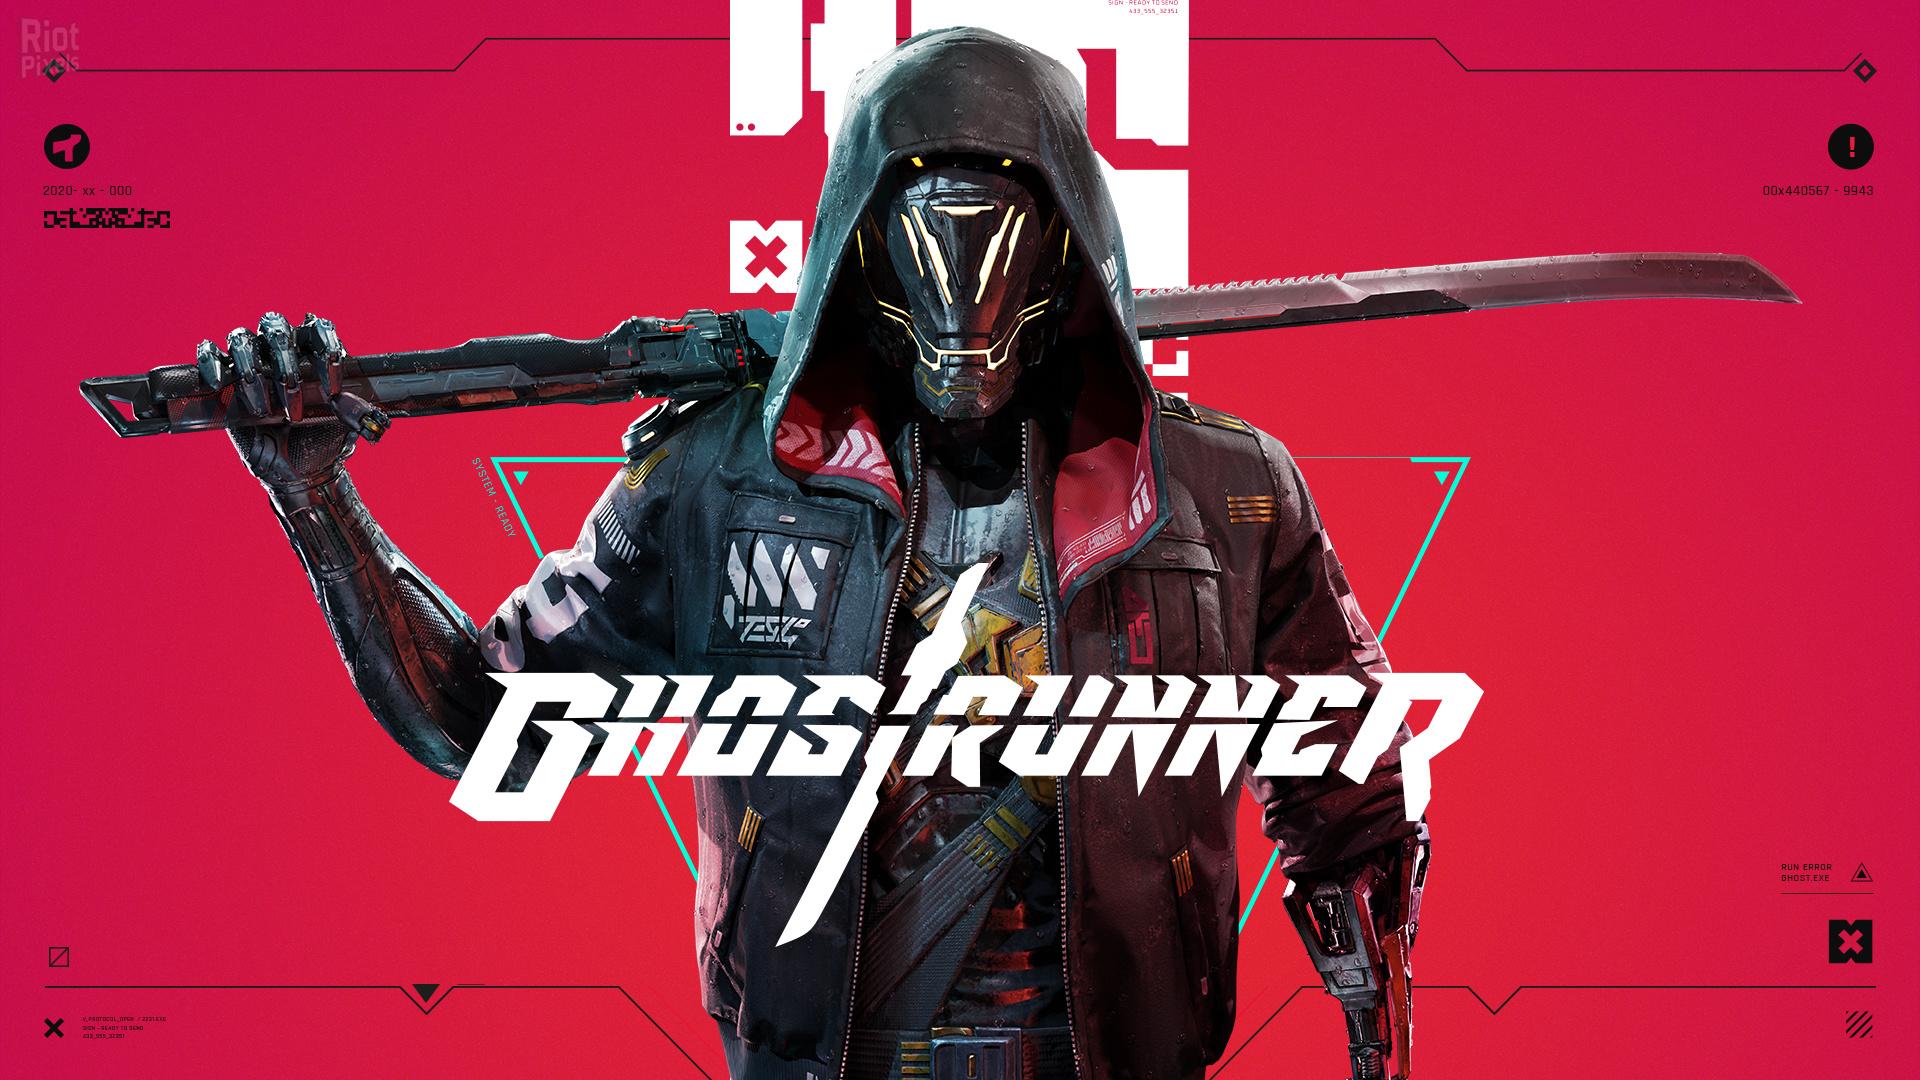 Постер Ghostrunner